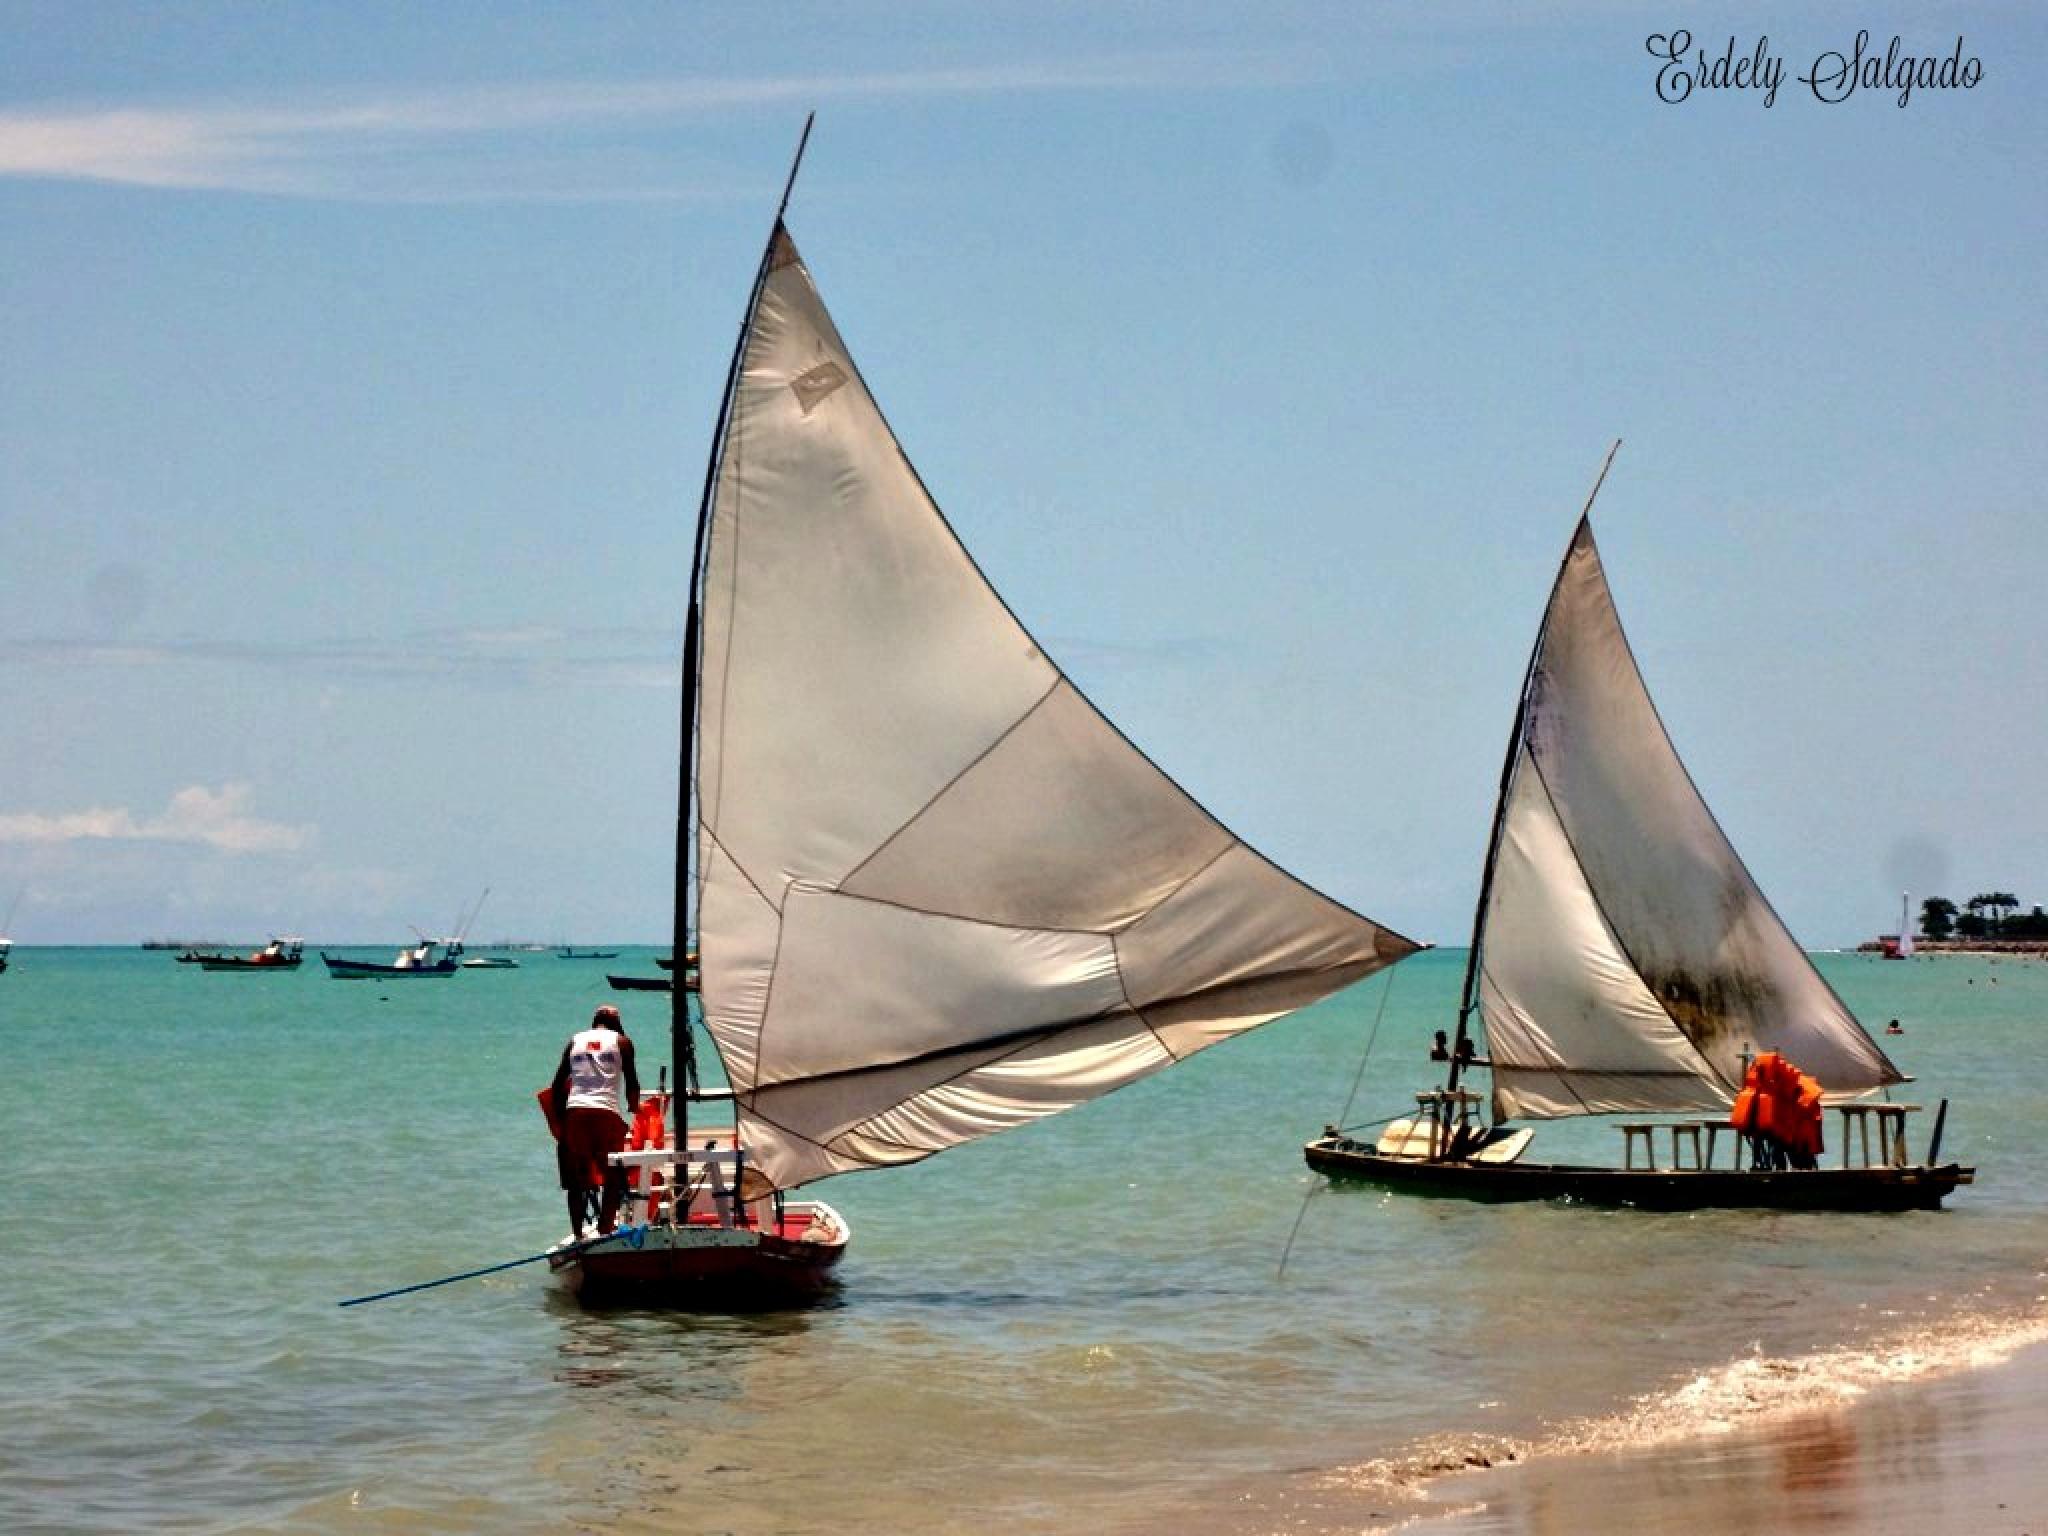 Praia de Pajuçara-Maceió-Alagoas!! by ErdelySalgado